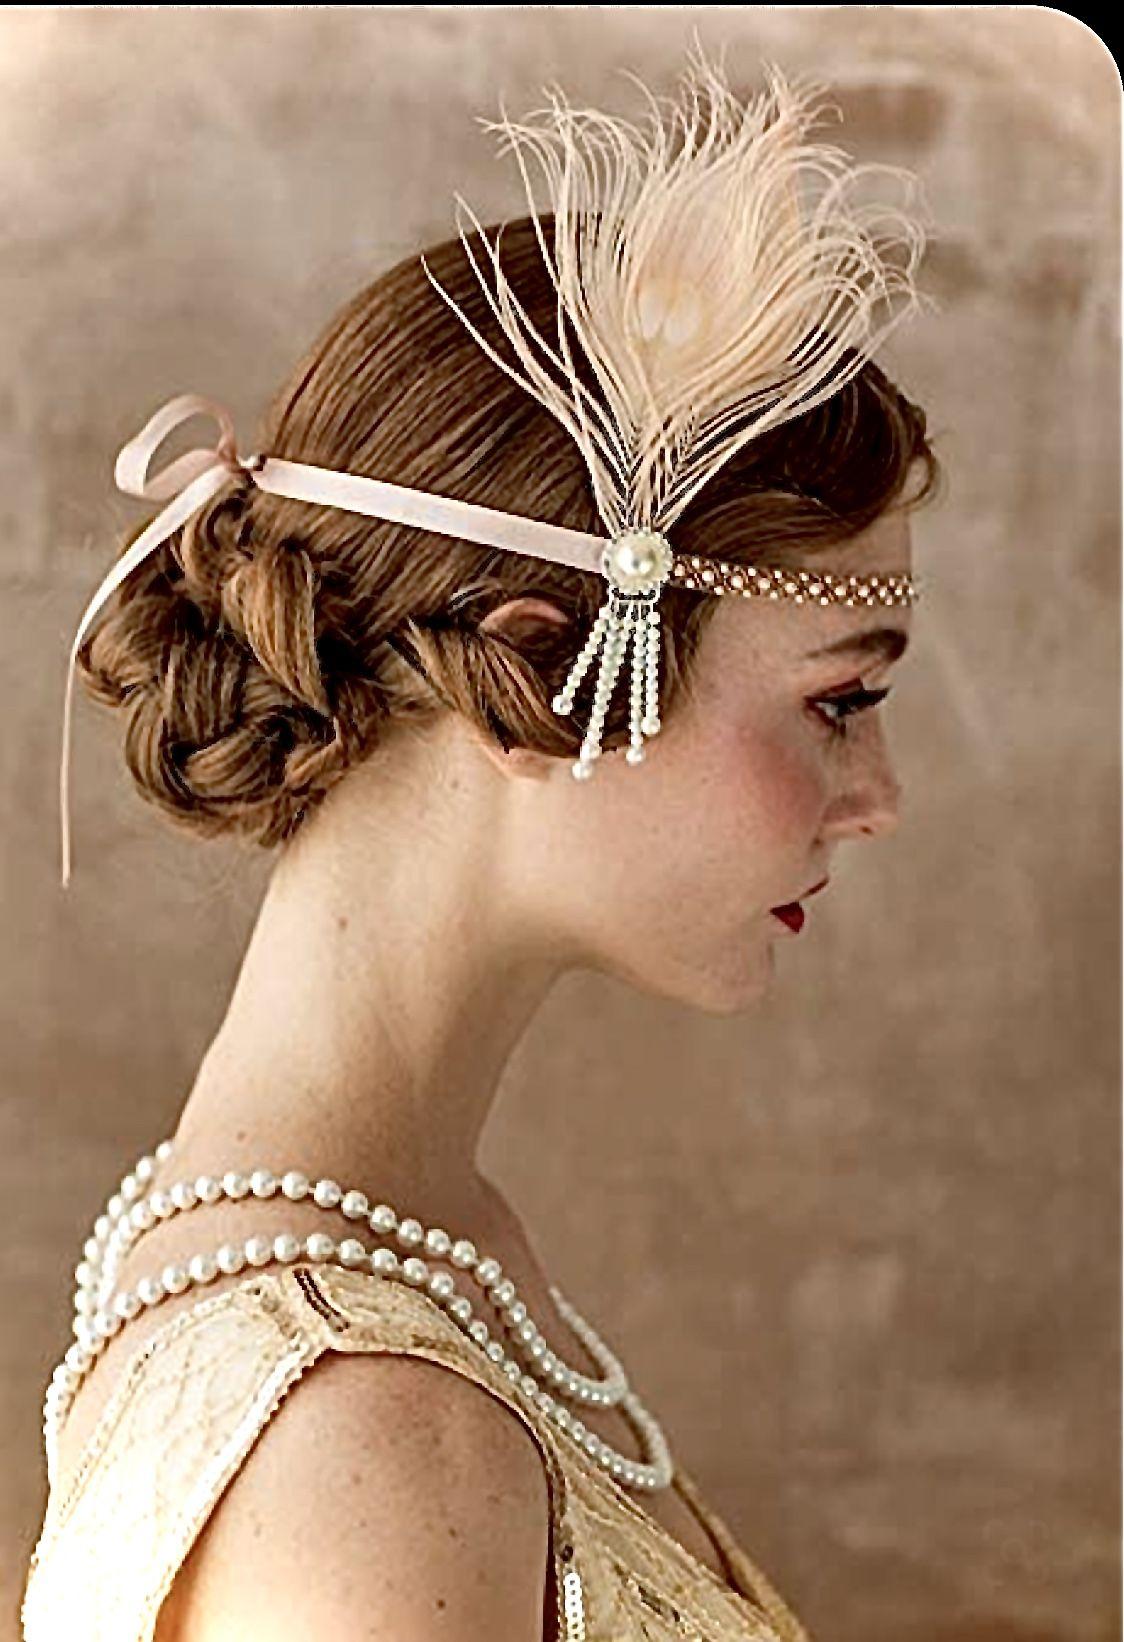 Pin Von Christina Lange Auf 1920s Theme In 2020 20er Jahre Frisur Gatsby Frisuren 20er Jahre Haar